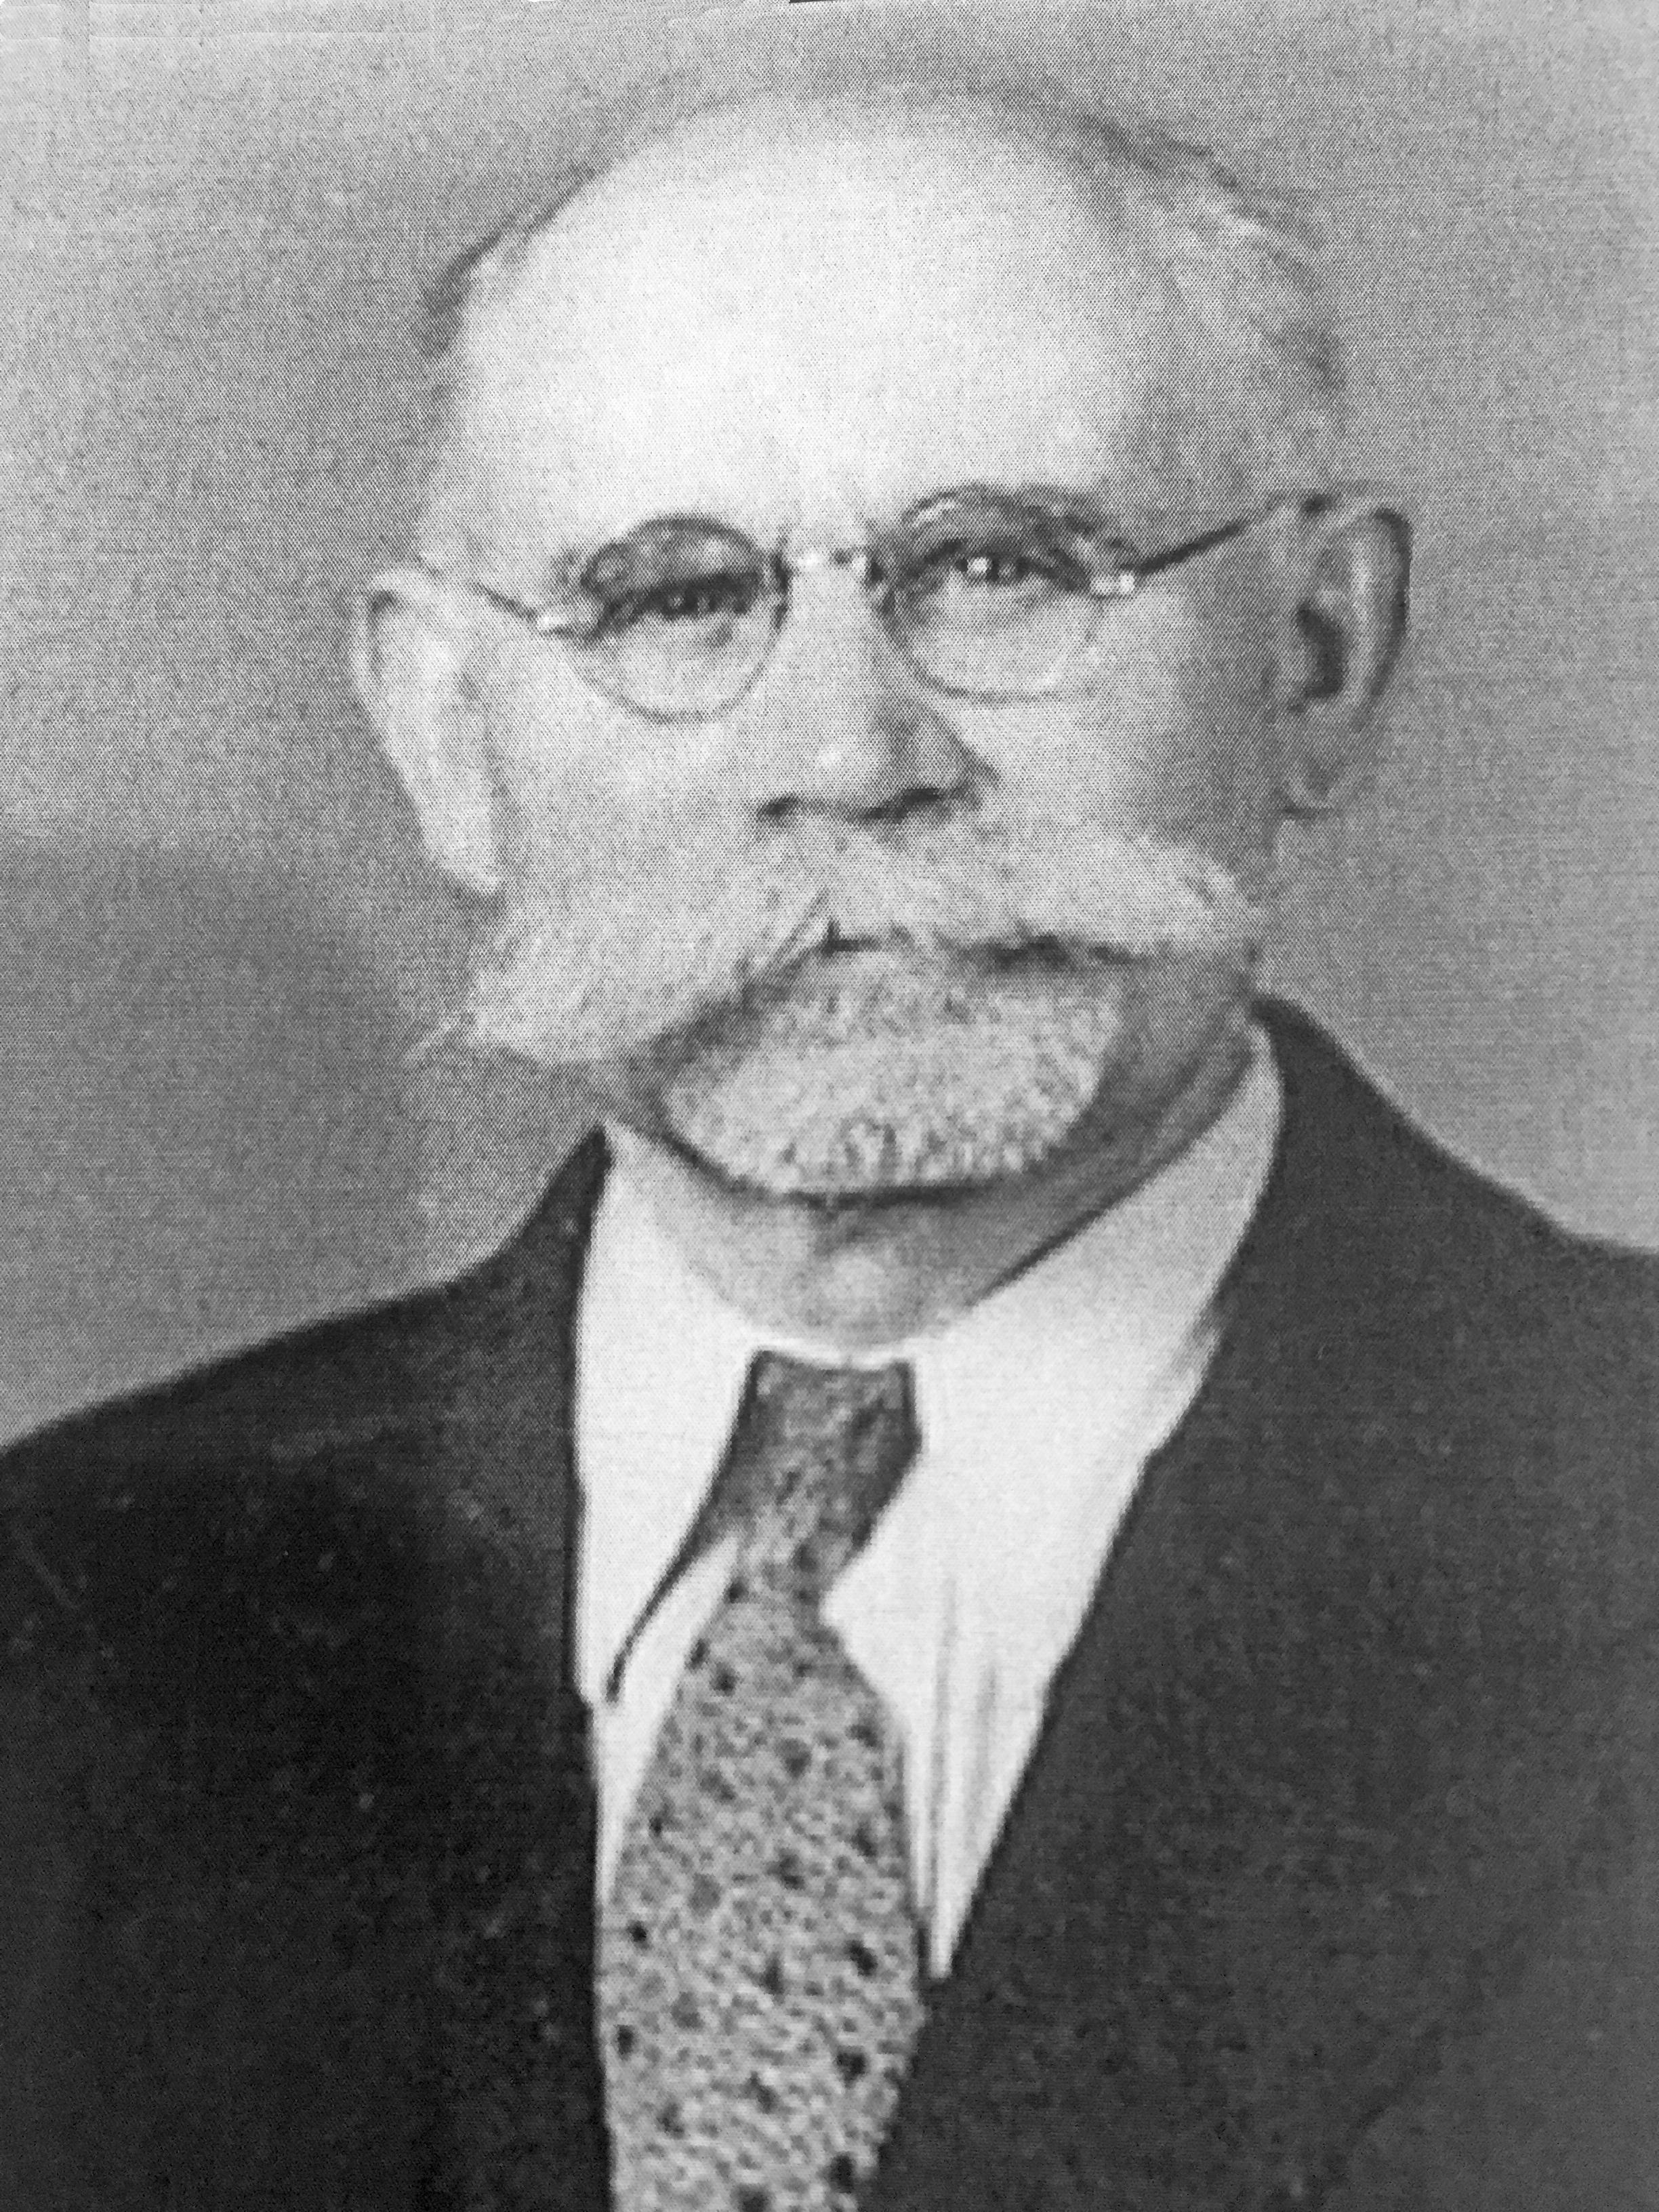 Ballstaedt, Friedrich Carl